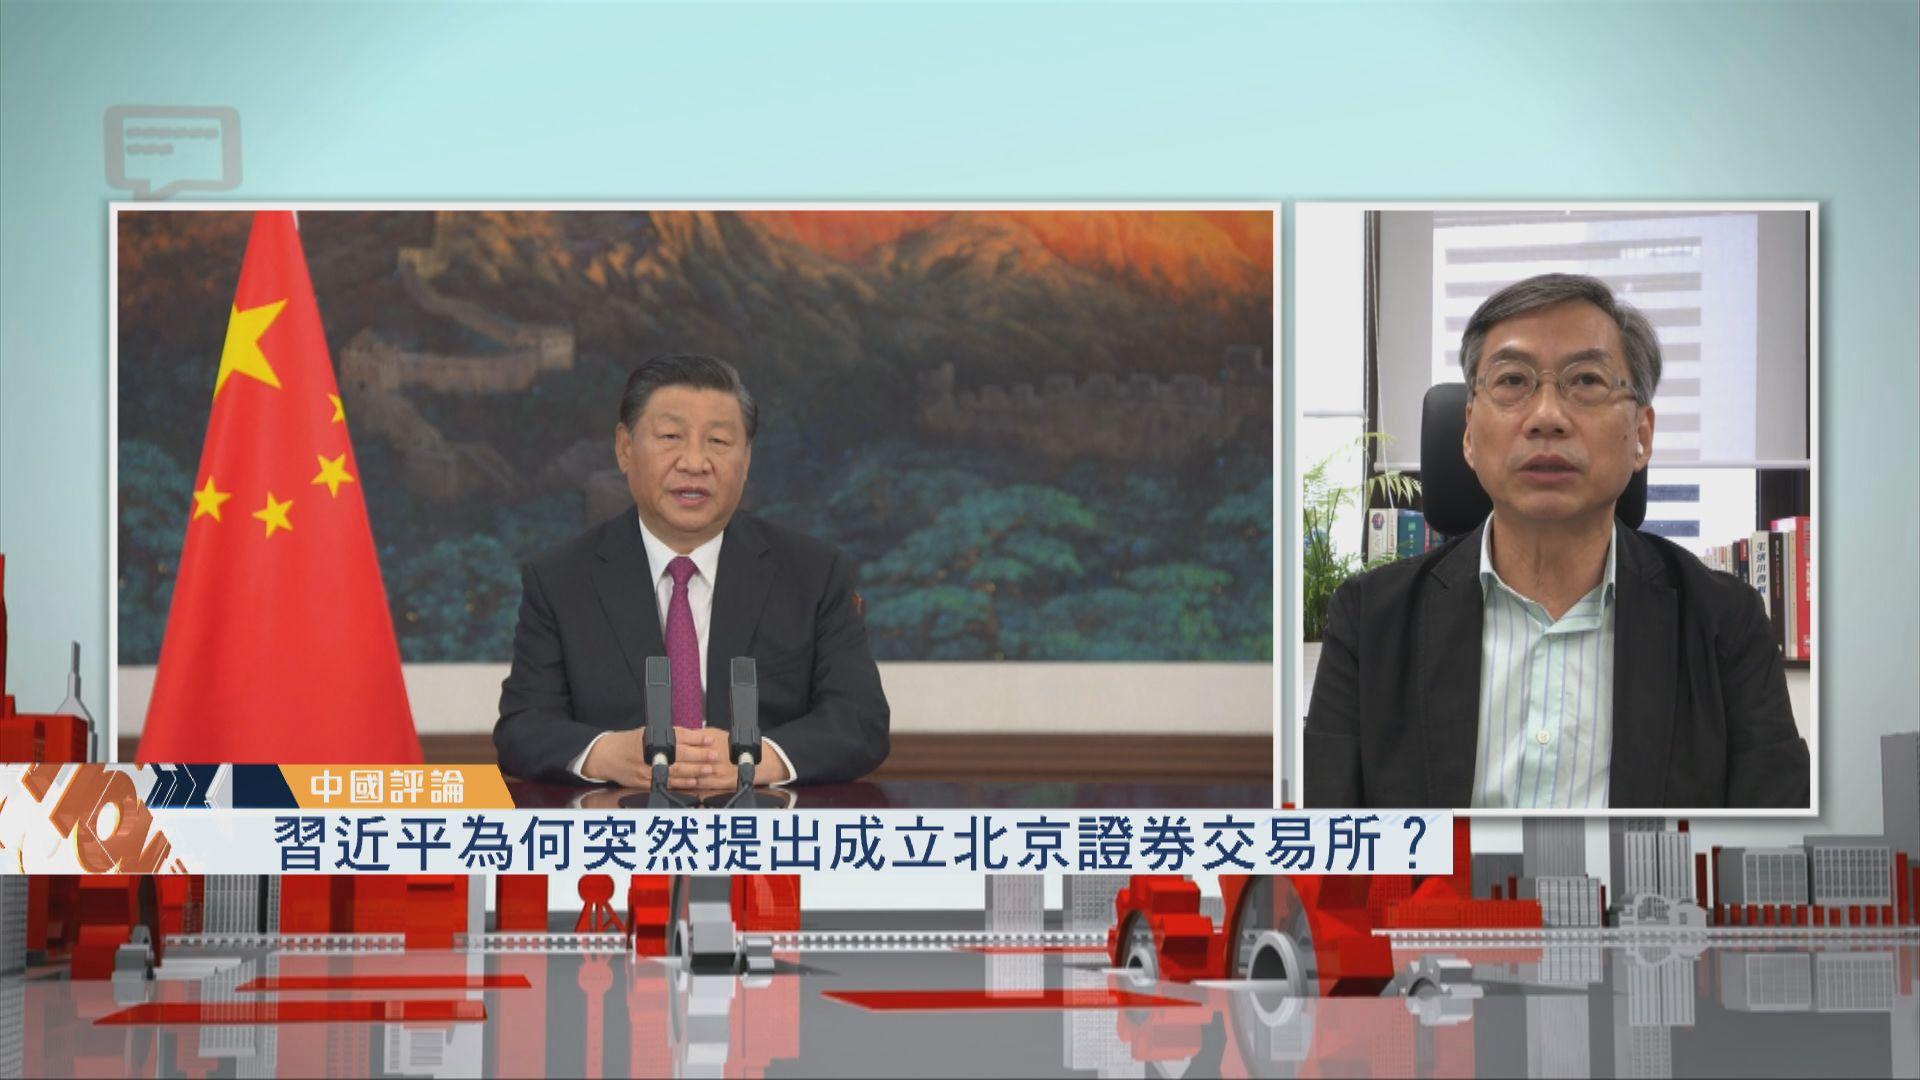 【中國評論】習近平為何突然提出成立北京證交所?